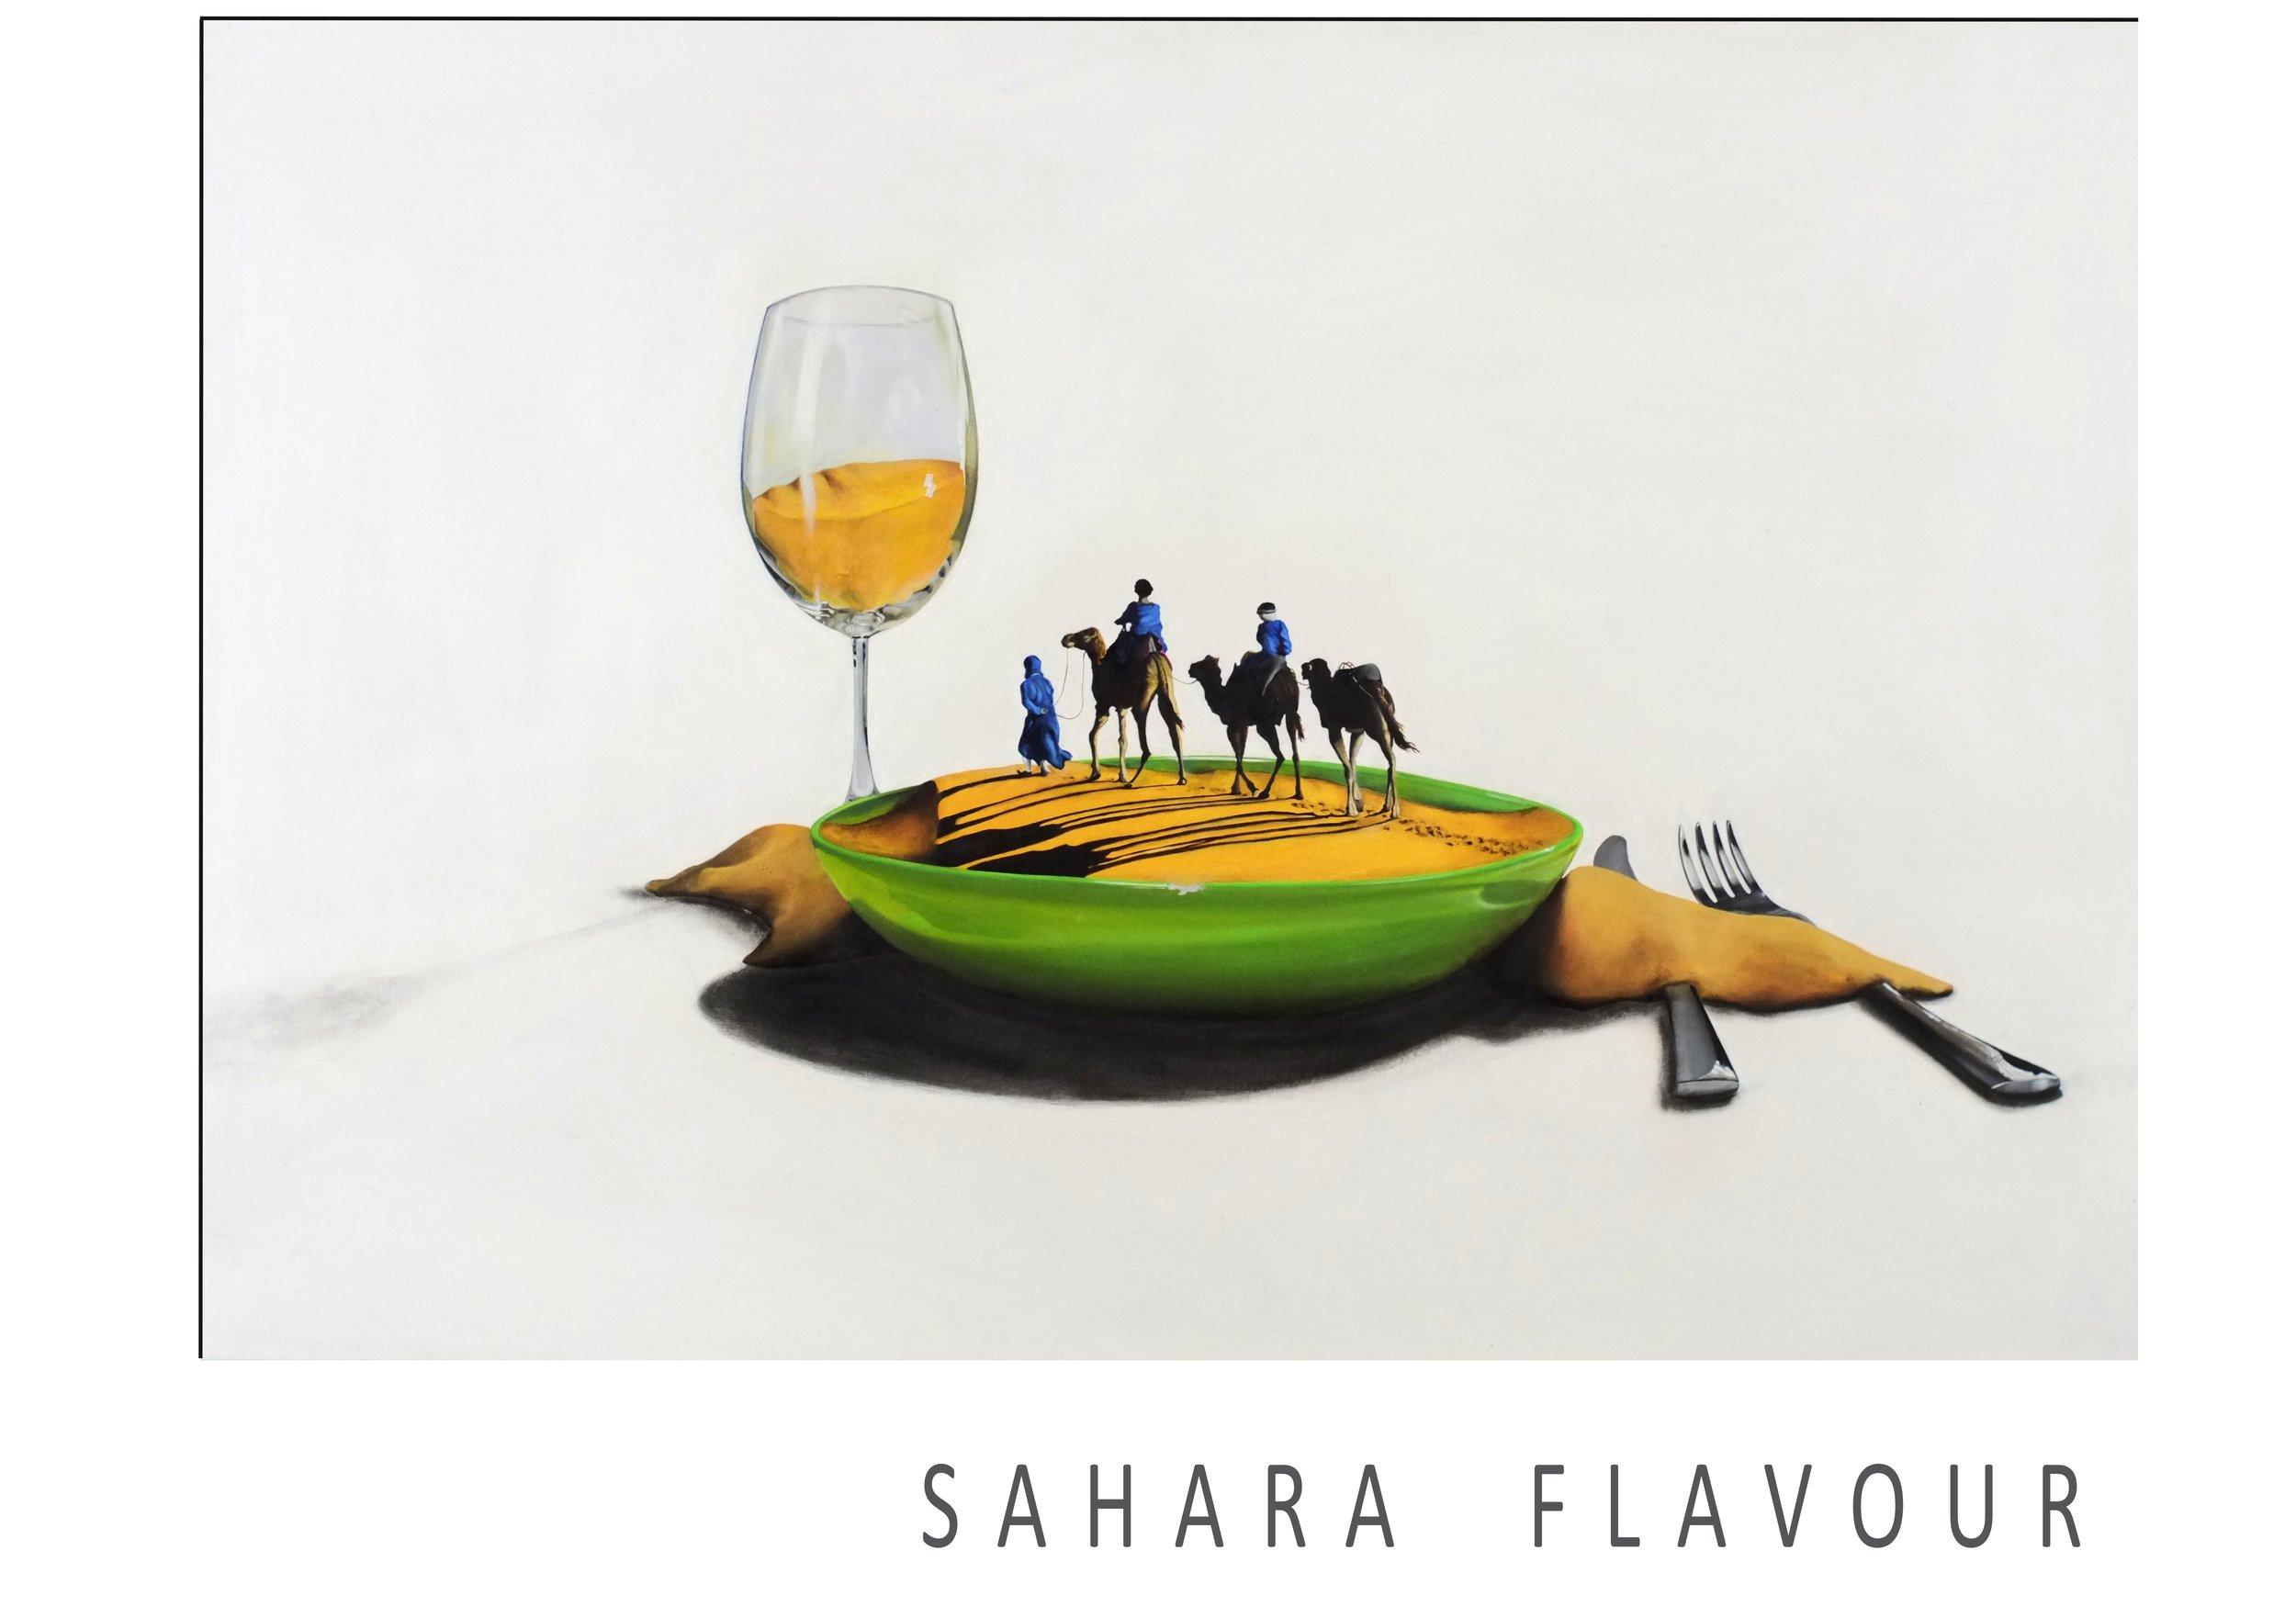 SAHARA FLAVOUR-Pagina001.jpeg